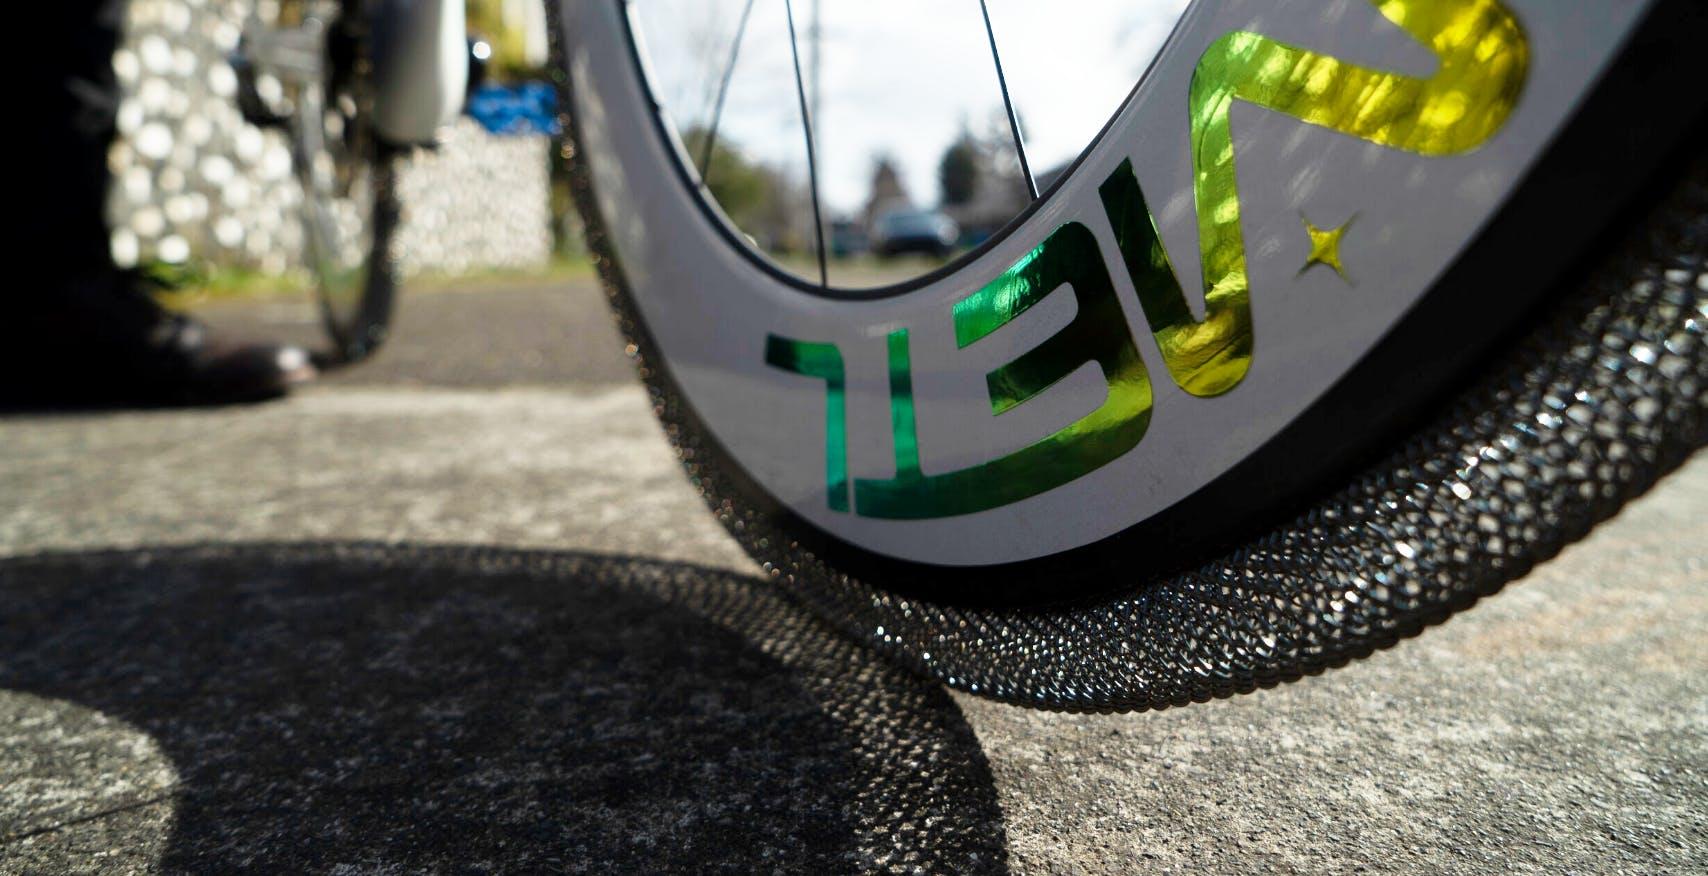 Dallo spazio alla bicicletta, la NASA porta sulla terra lo pneumatico a memoria di forma che non si sgonfia